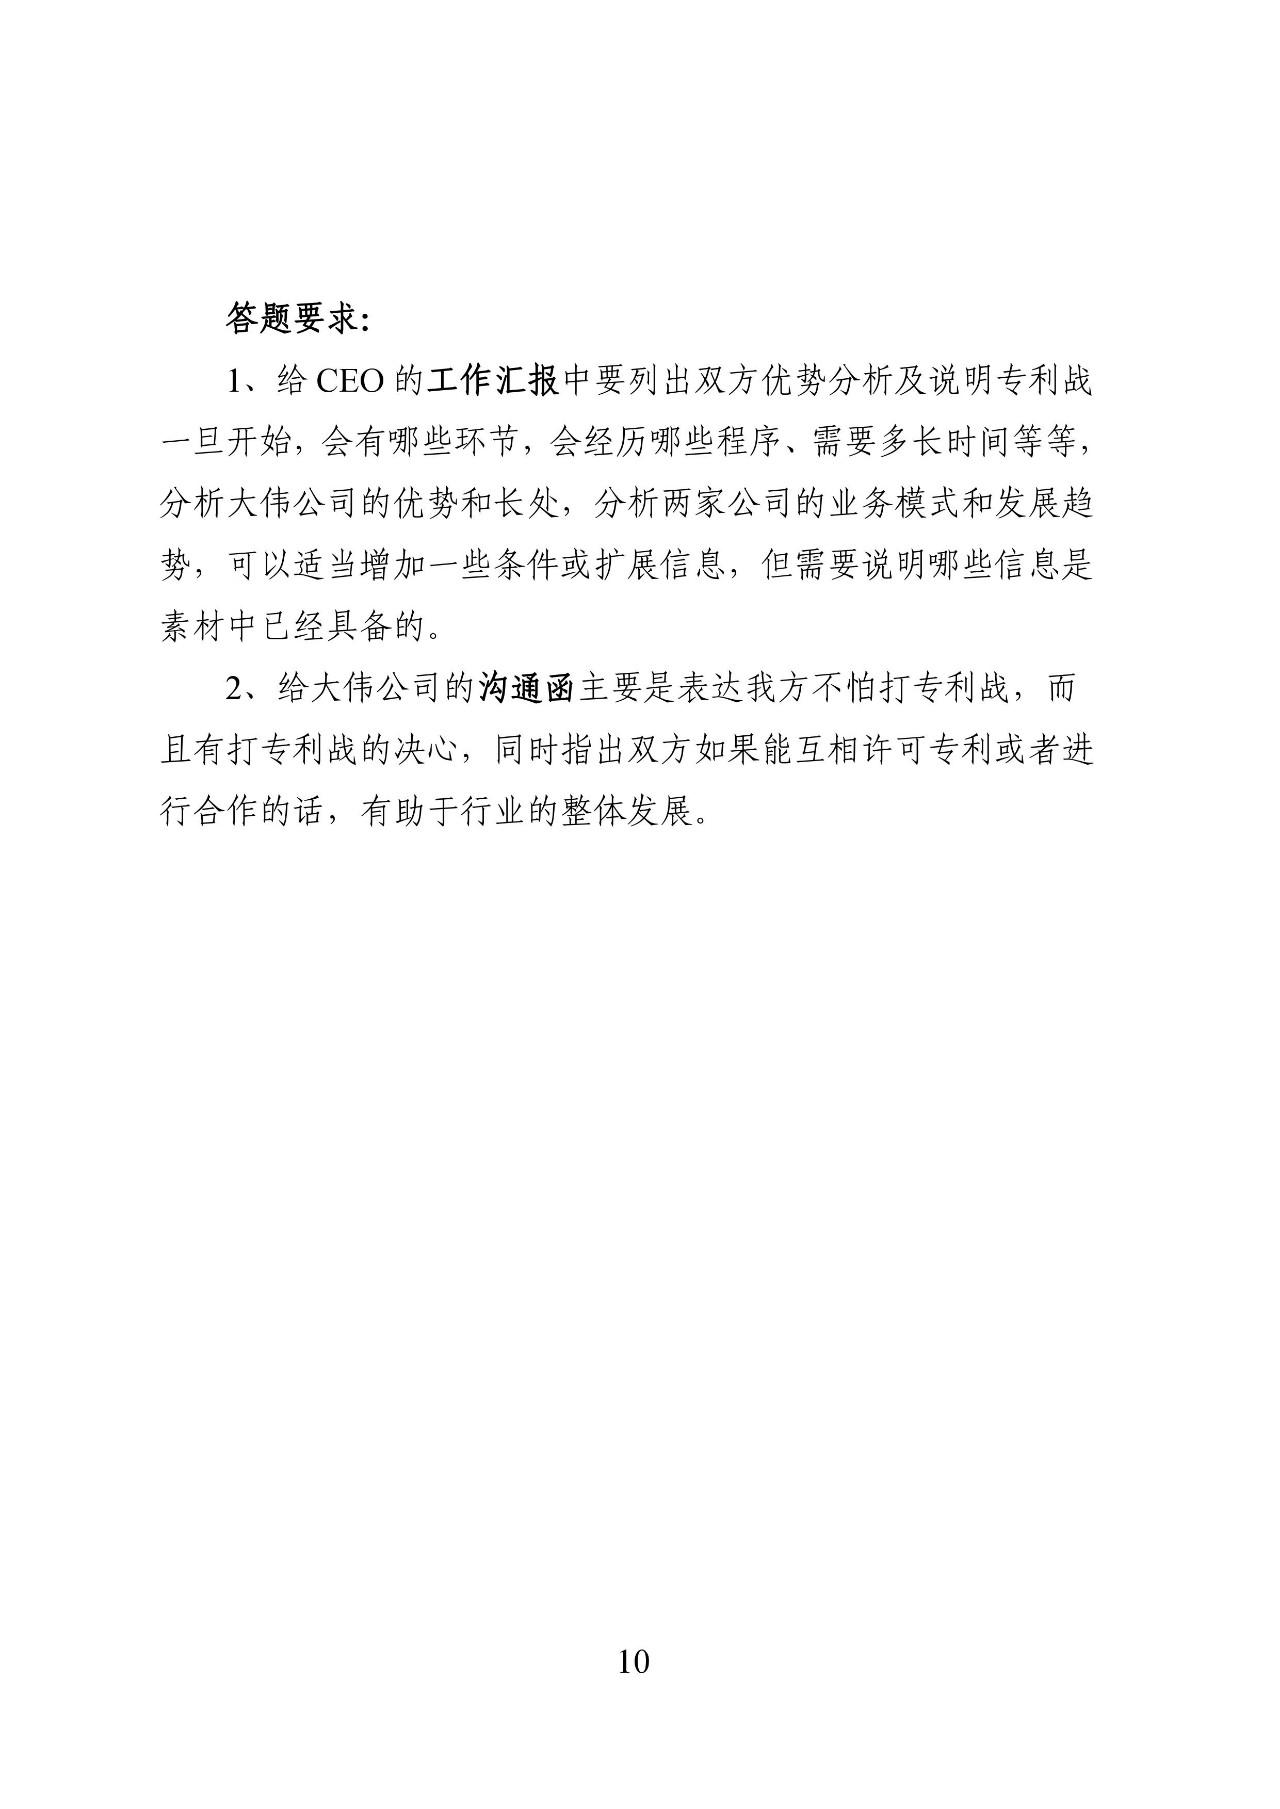 62万元奖金!2019 年广东省企业专利战大赛启动(附报名表)